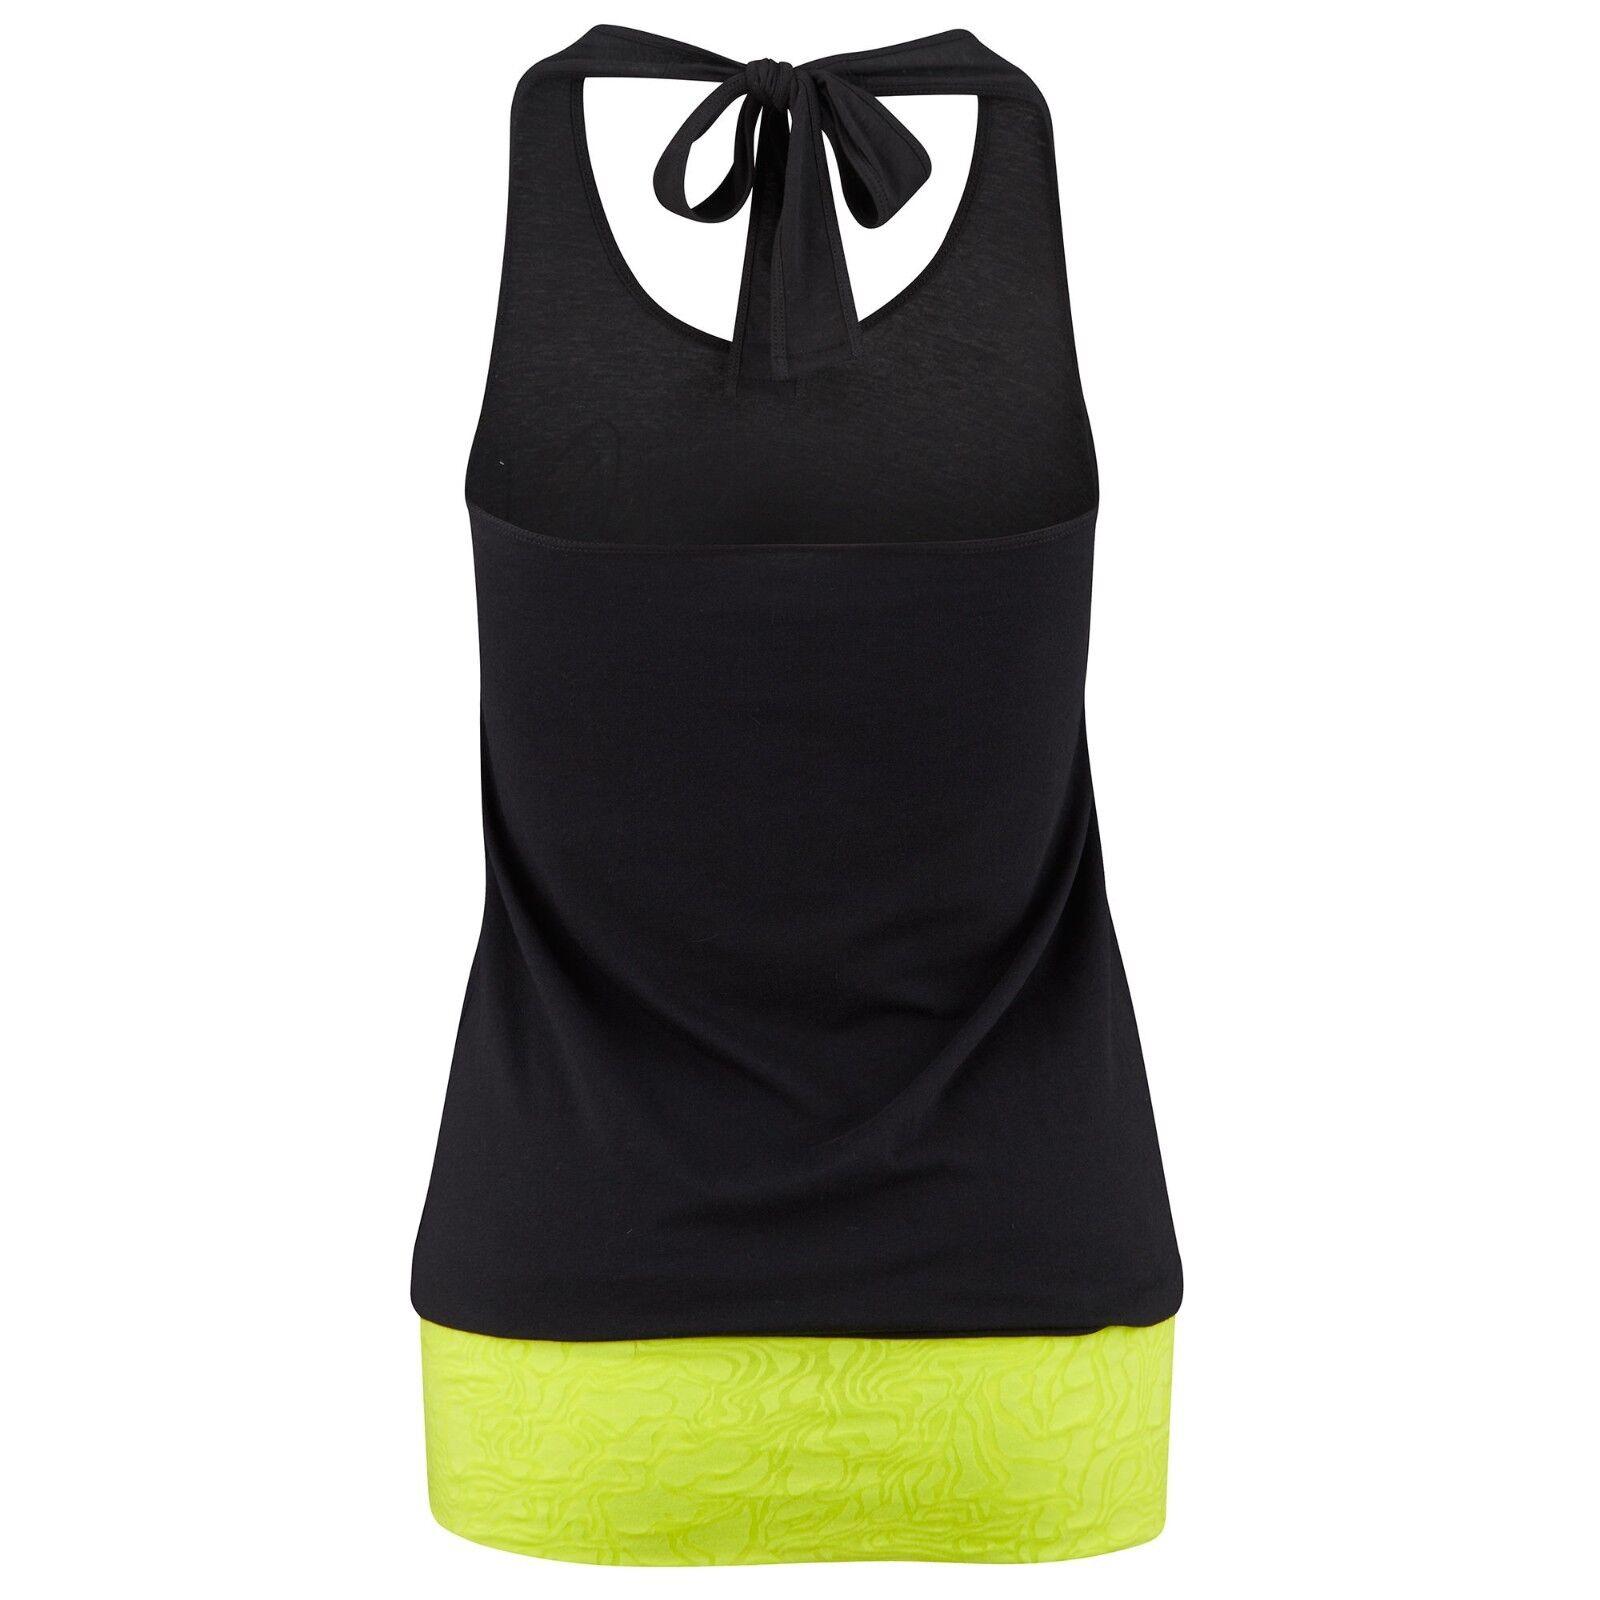 Zumba Fitness  Burbuja Halter  Prenda Prenda Prenda para el torso Camiseta Tanque  Corte para arriba para nervioso Look XS S M Z1T00410 123990